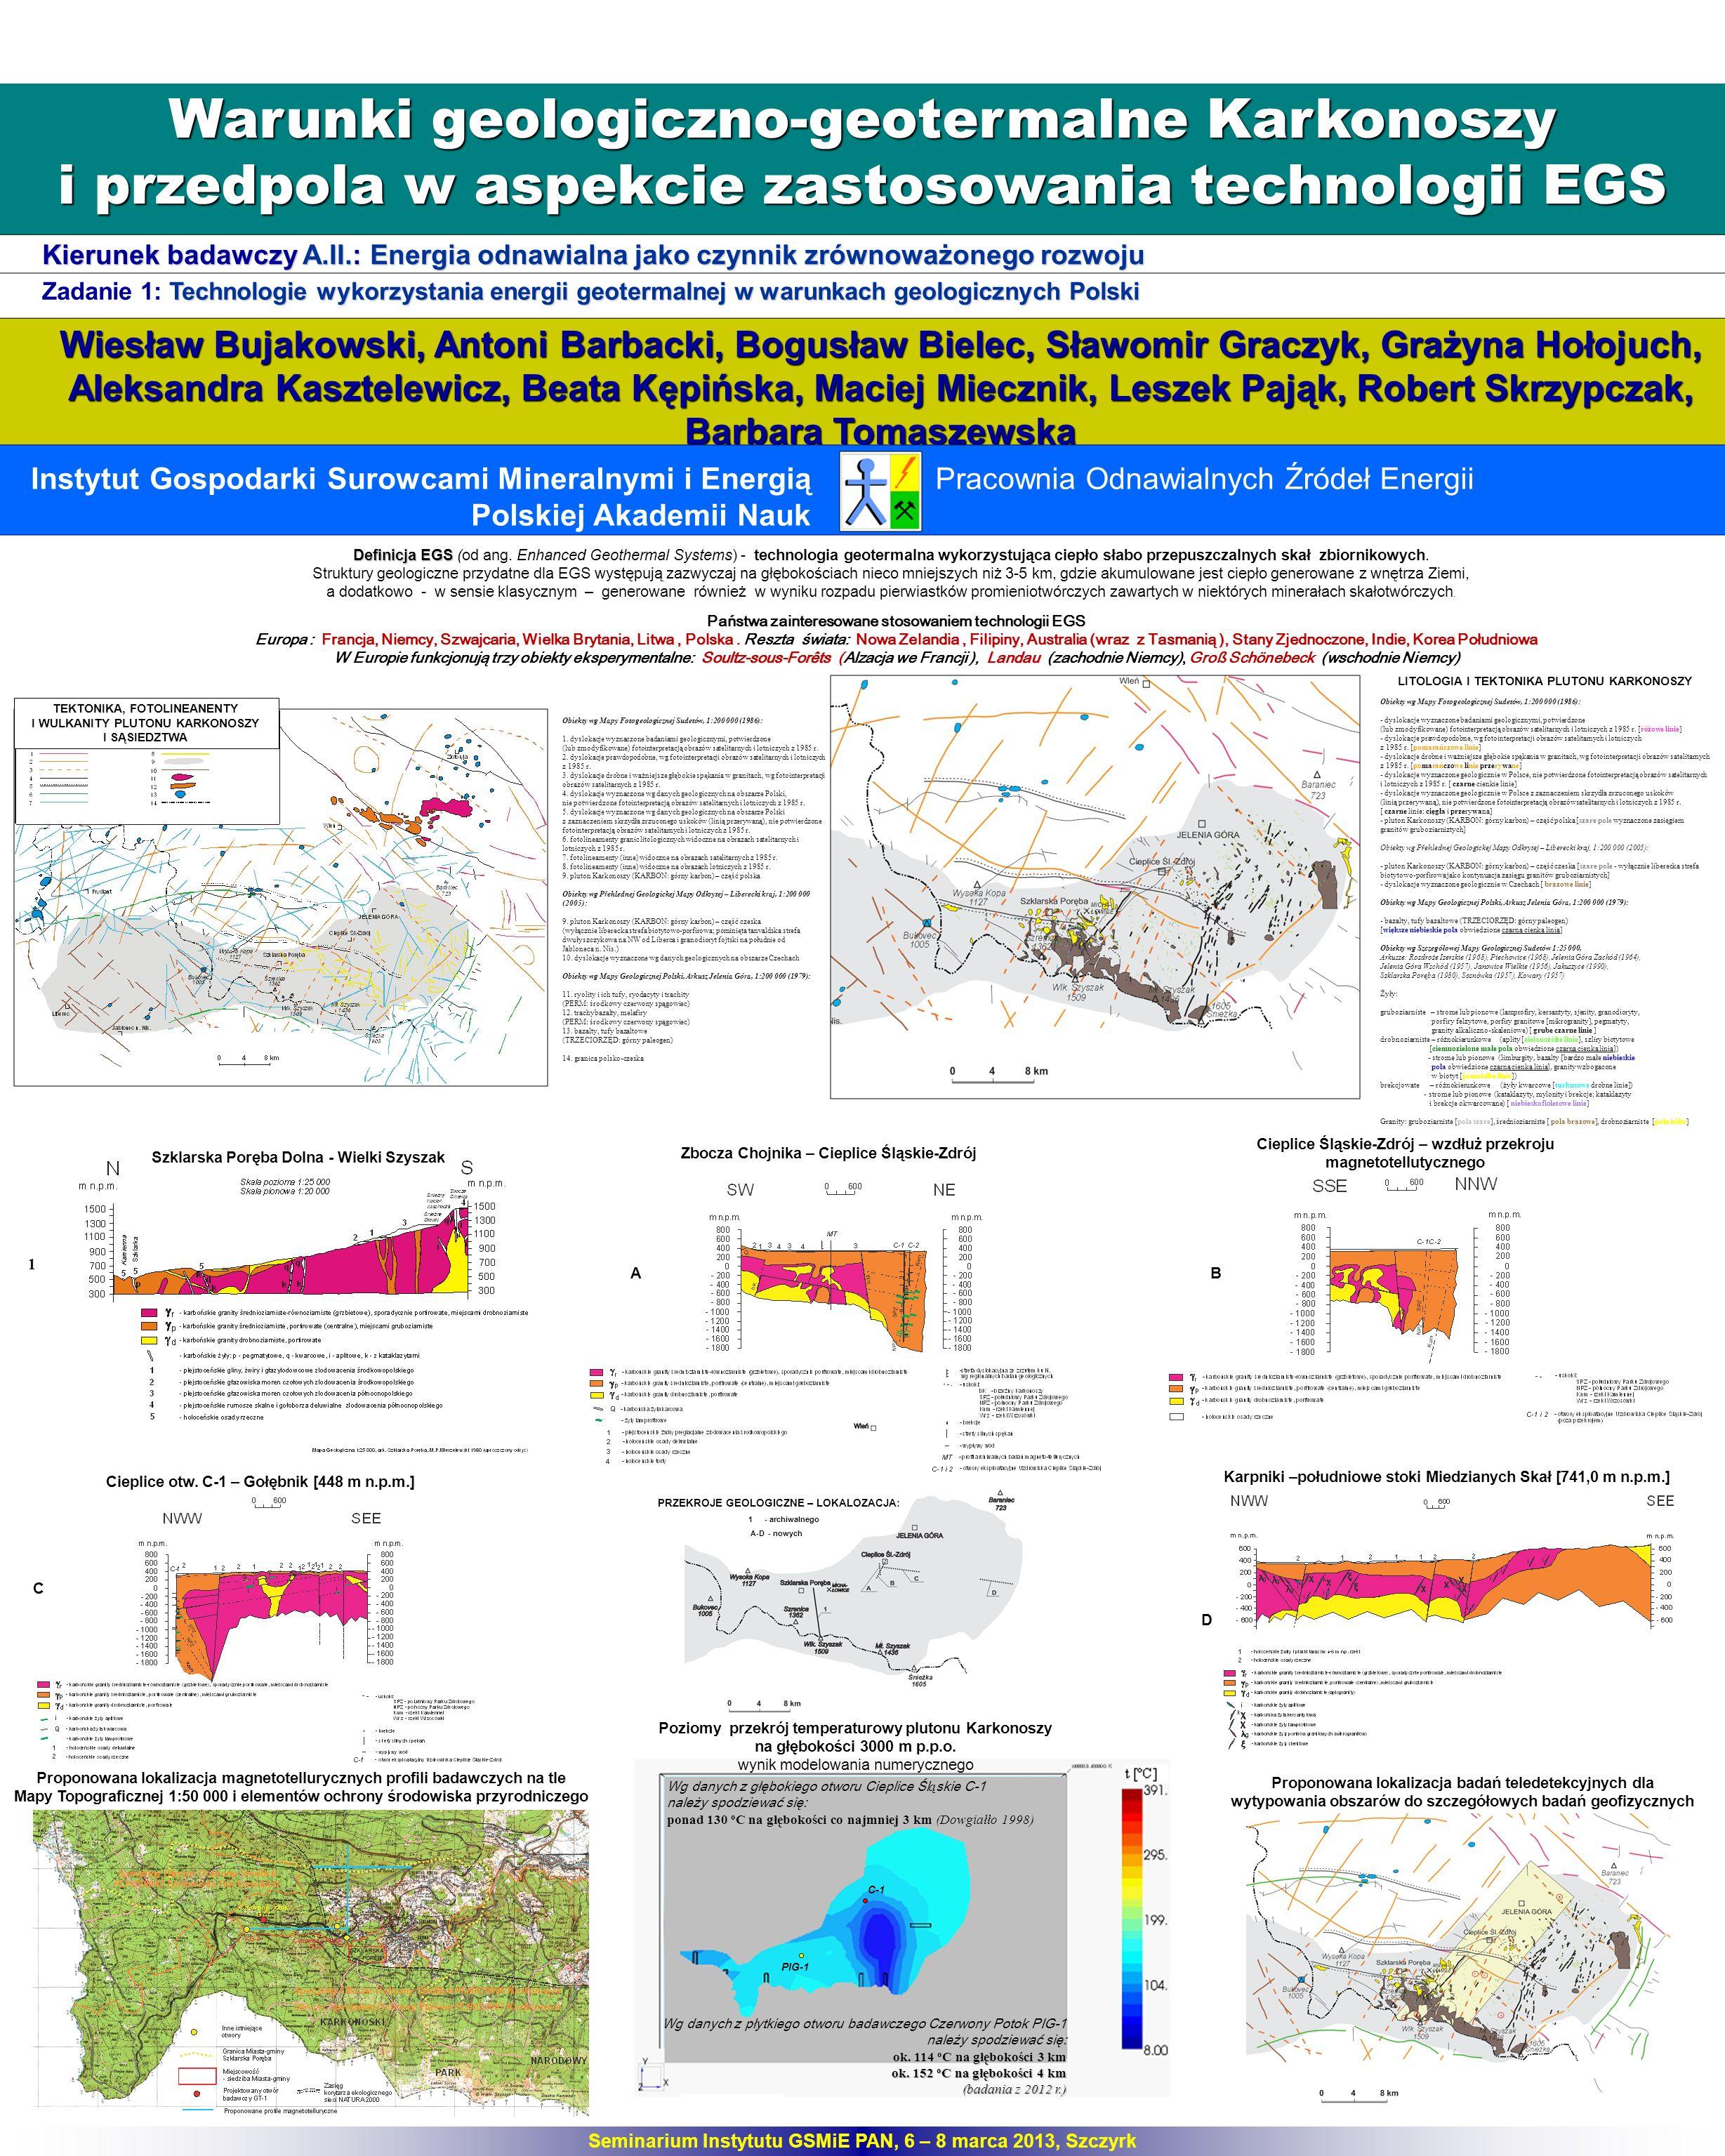 Warunki geologiczno-geotermalne Karkonoszy i przedpola w aspekcie zastosowania technologii EGS Kierunek badawczy A.II.: Energia odnawialna jako czynni